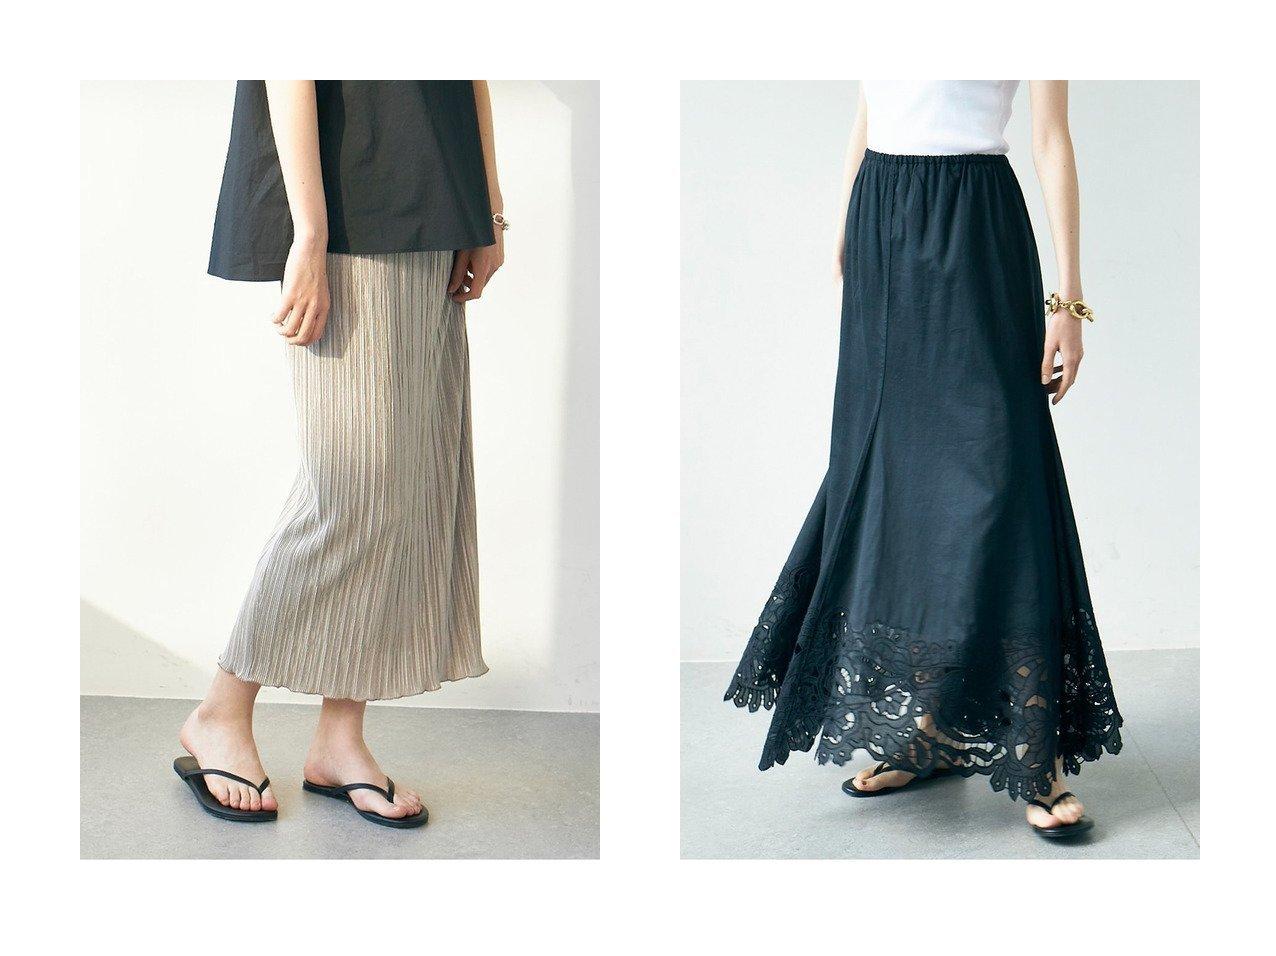 【GALLARDAGALANTE/ガリャルダガランテ】のプリーツタイトスカート&カットレーススカート 【スカート】おすすめ!人気、トレンド・レディースファッションの通販 おすすめで人気の流行・トレンド、ファッションの通販商品 インテリア・家具・メンズファッション・キッズファッション・レディースファッション・服の通販 founy(ファニー) https://founy.com/ ファッション Fashion レディースファッション WOMEN スカート Skirt ロングスカート Long Skirt インナー カットソー サテン スウェット タイトスカート プリーツ ランダム おすすめ Recommend オーガンジー スカラップ マーメイド ロング ワーク  ID:crp329100000048111